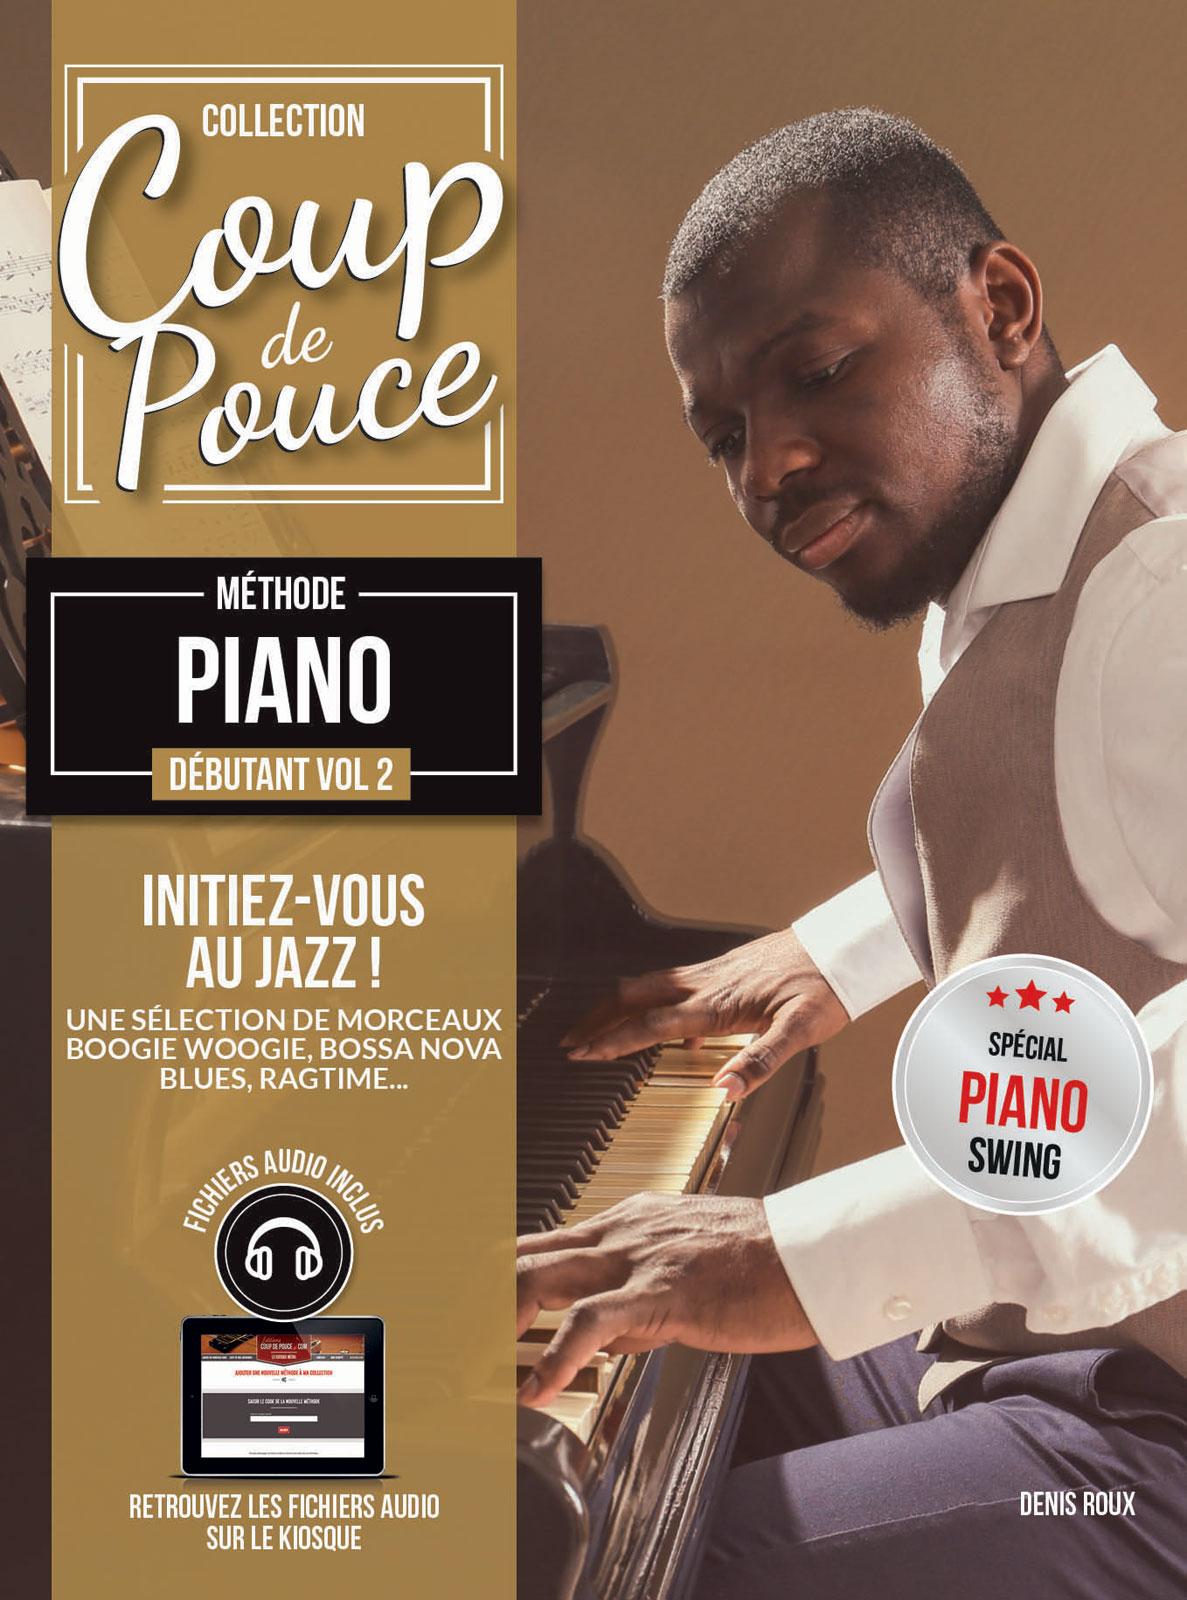 COUP DE POUCE DÉBUTANT PIANO VOL.2